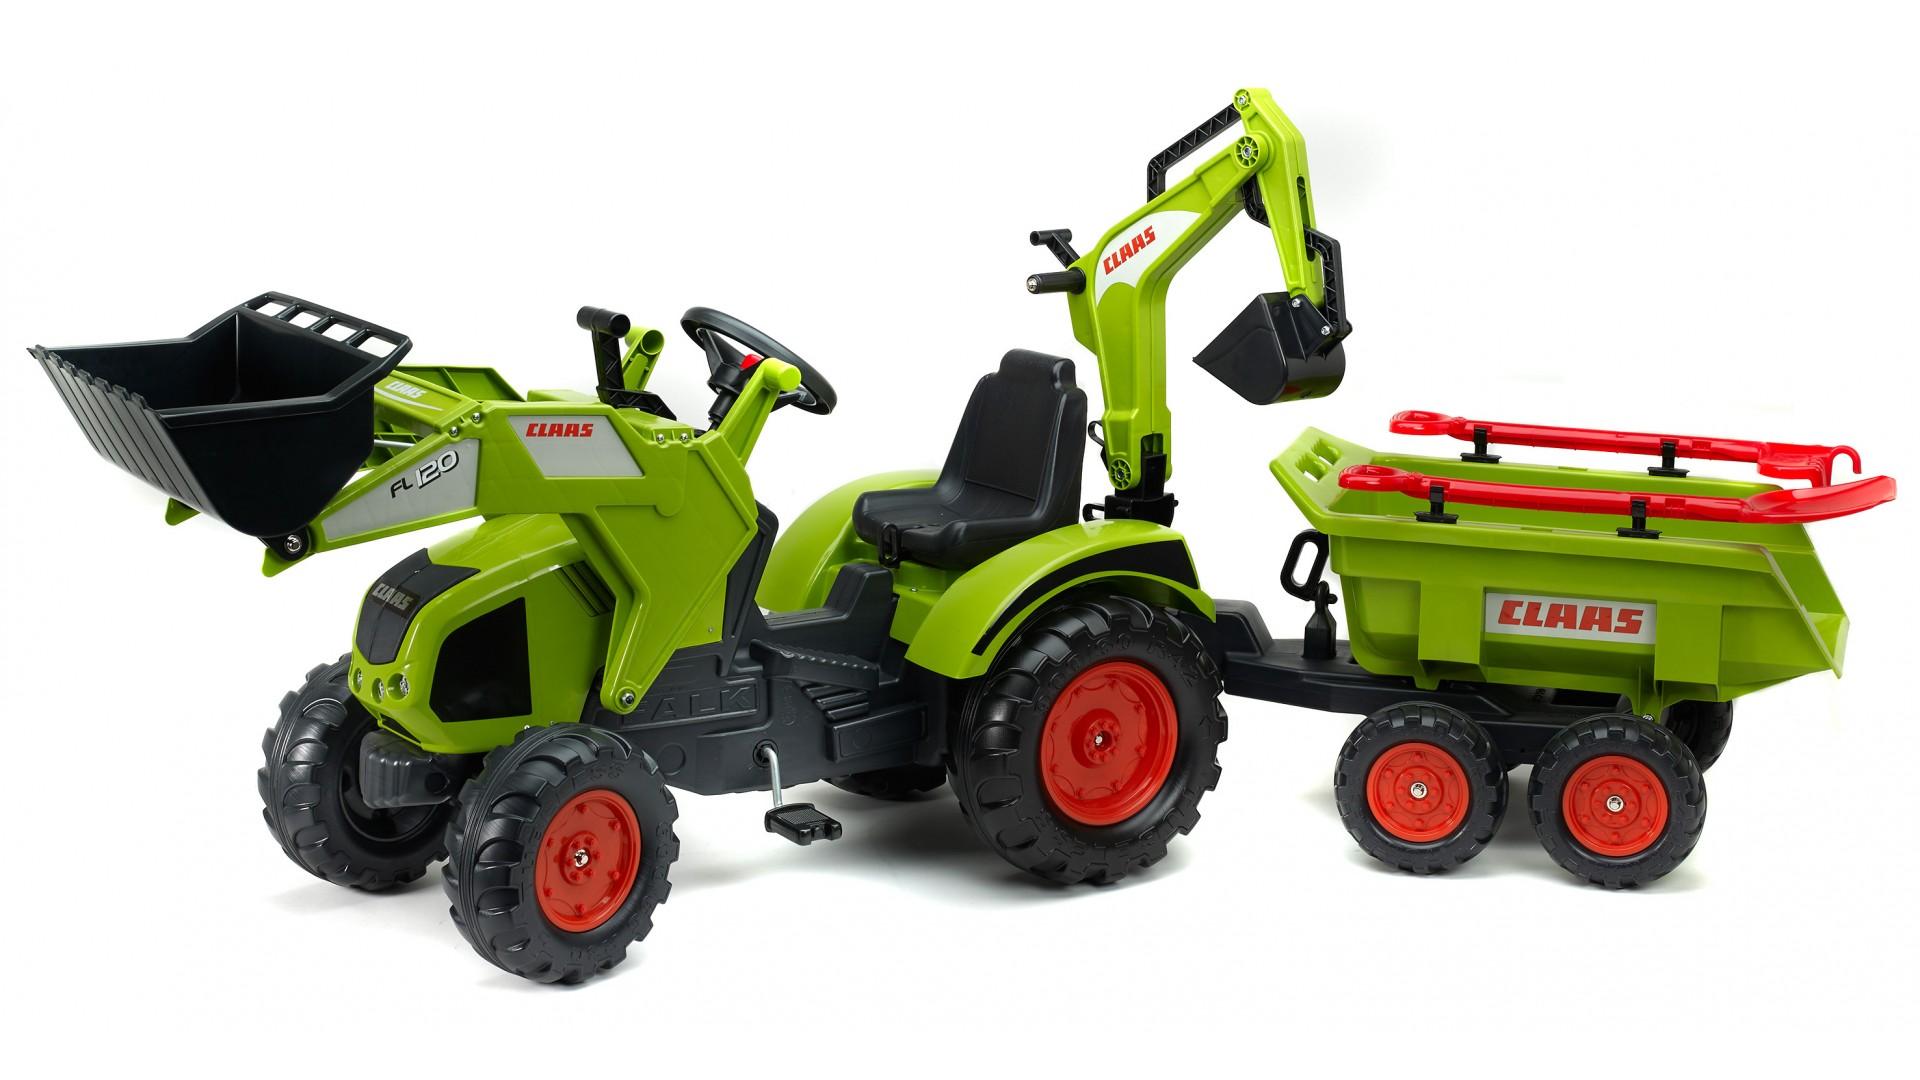 Педальный трактор-экскаватор с прицепом, черно-салатовый, 230 см